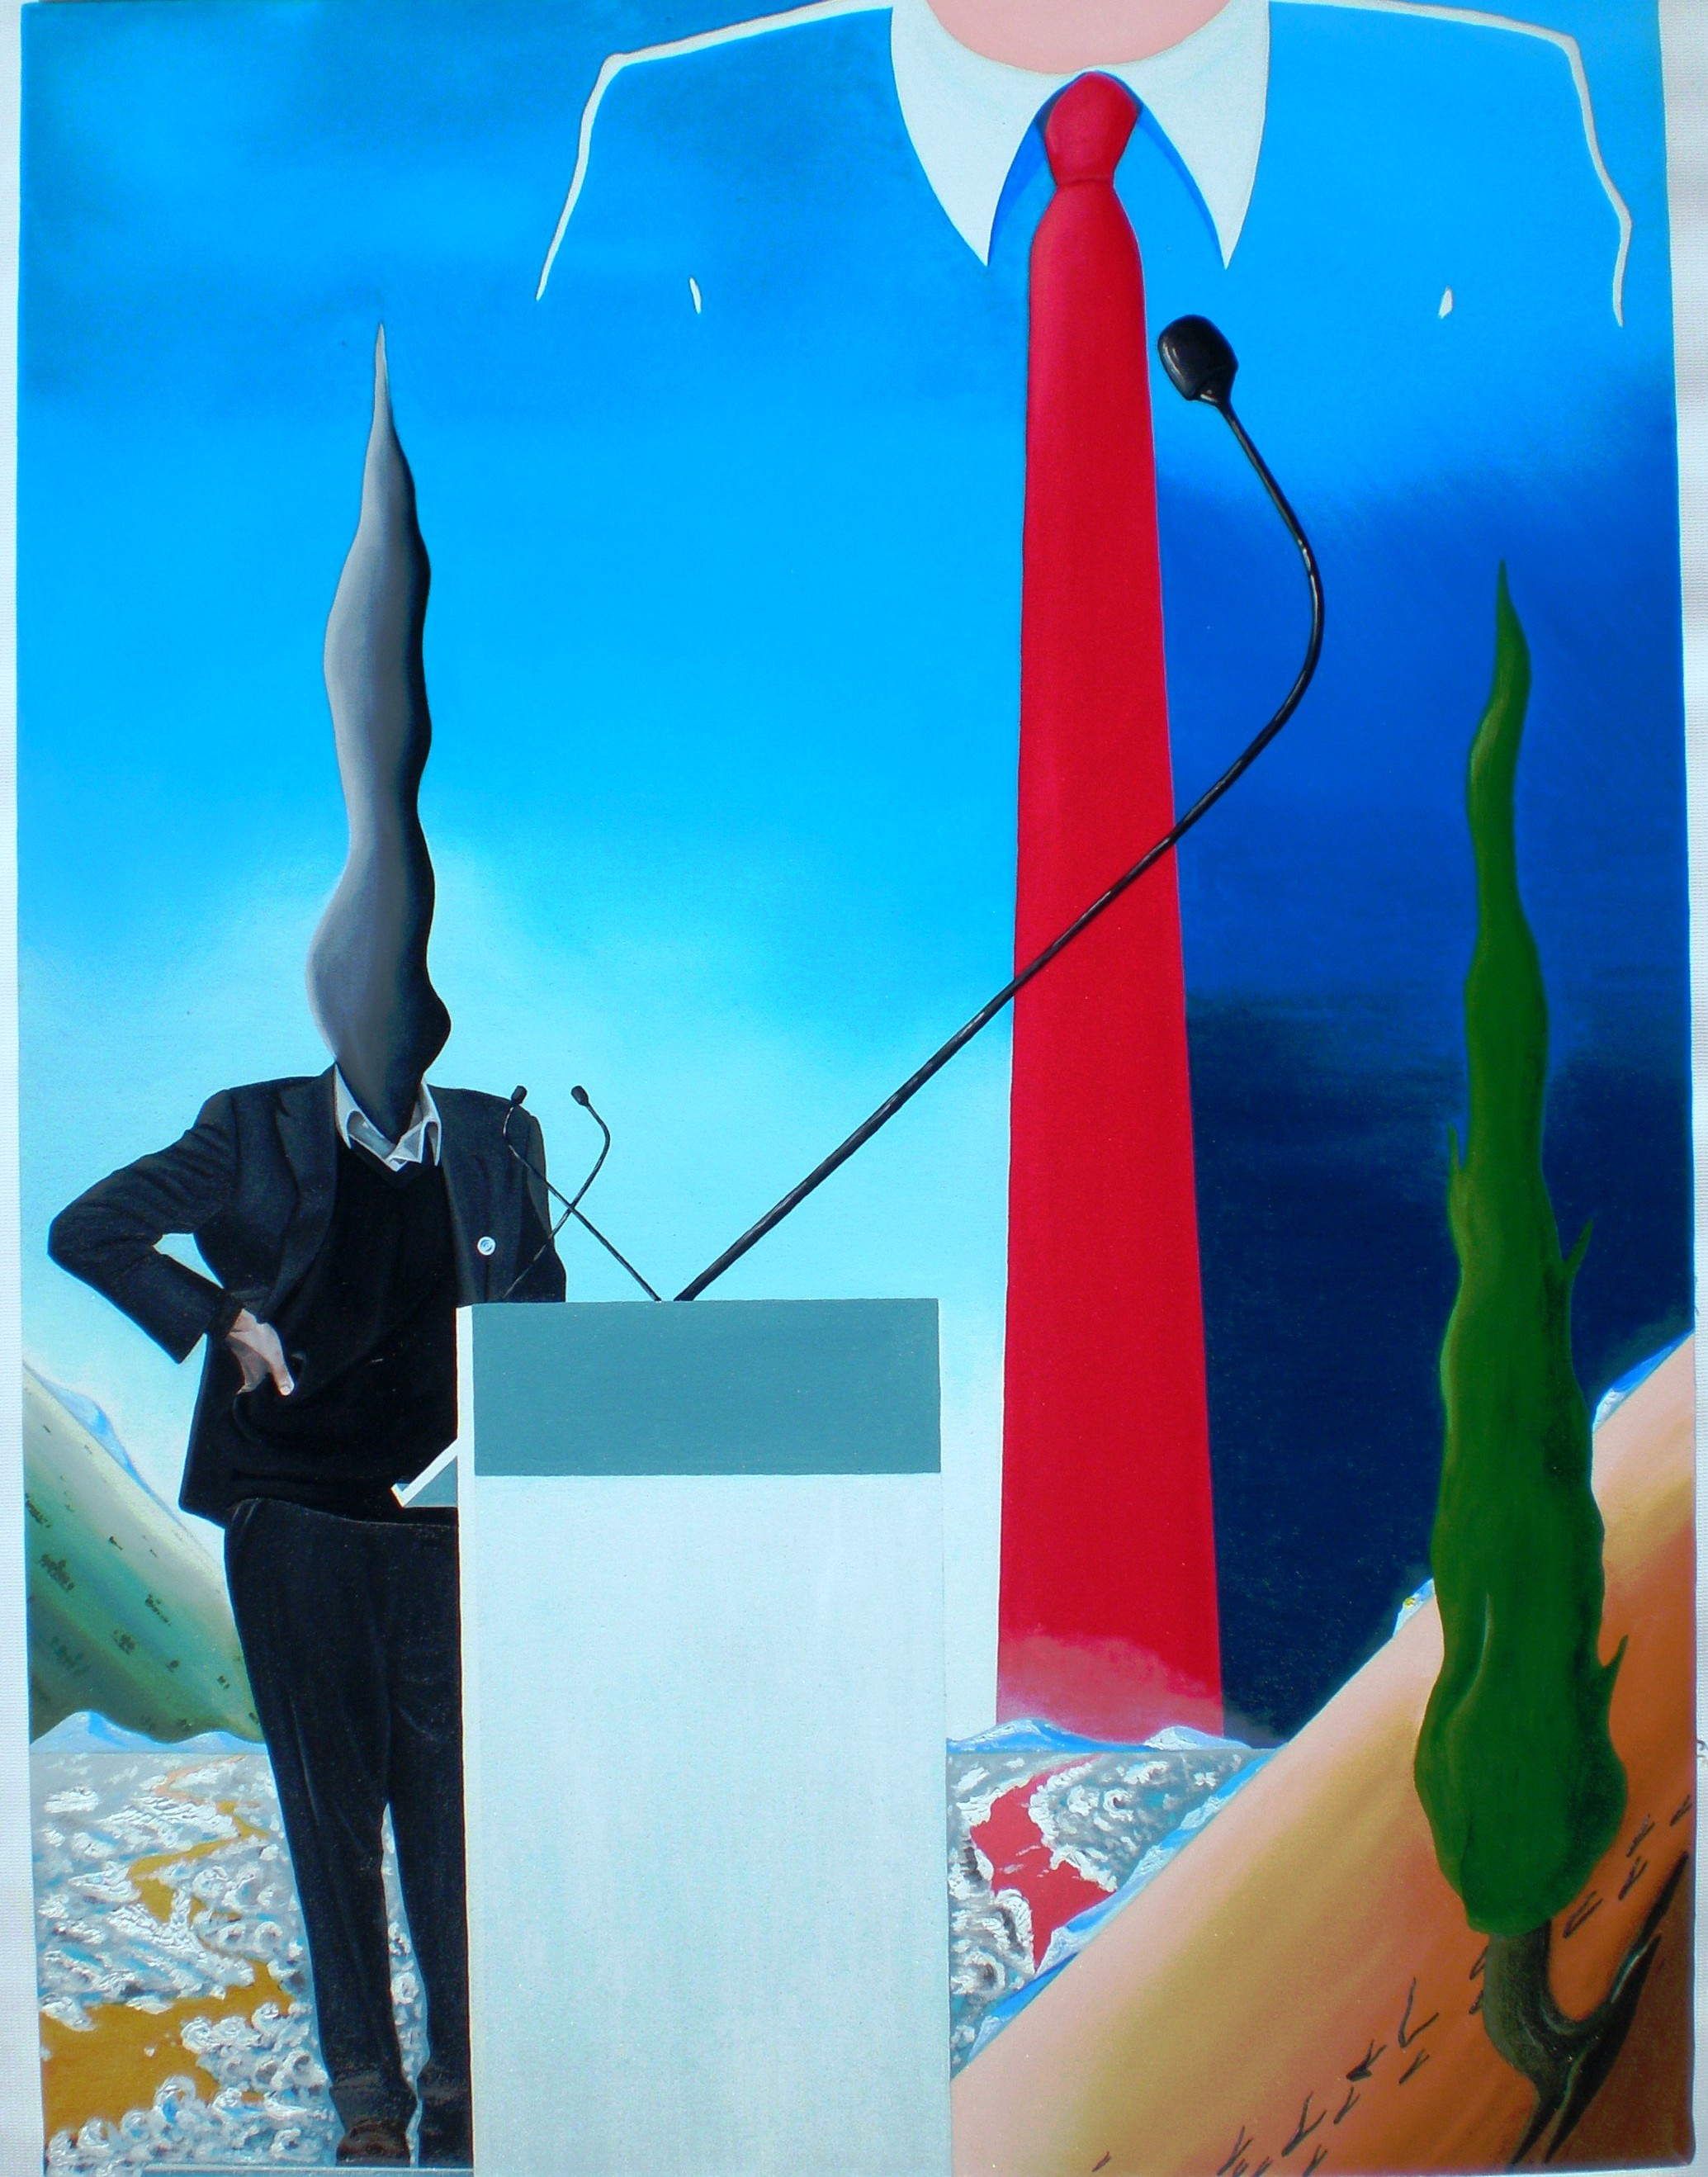 Convention, 2011 olio su tela cm 80x60, Pasquale Mastrogiacomo